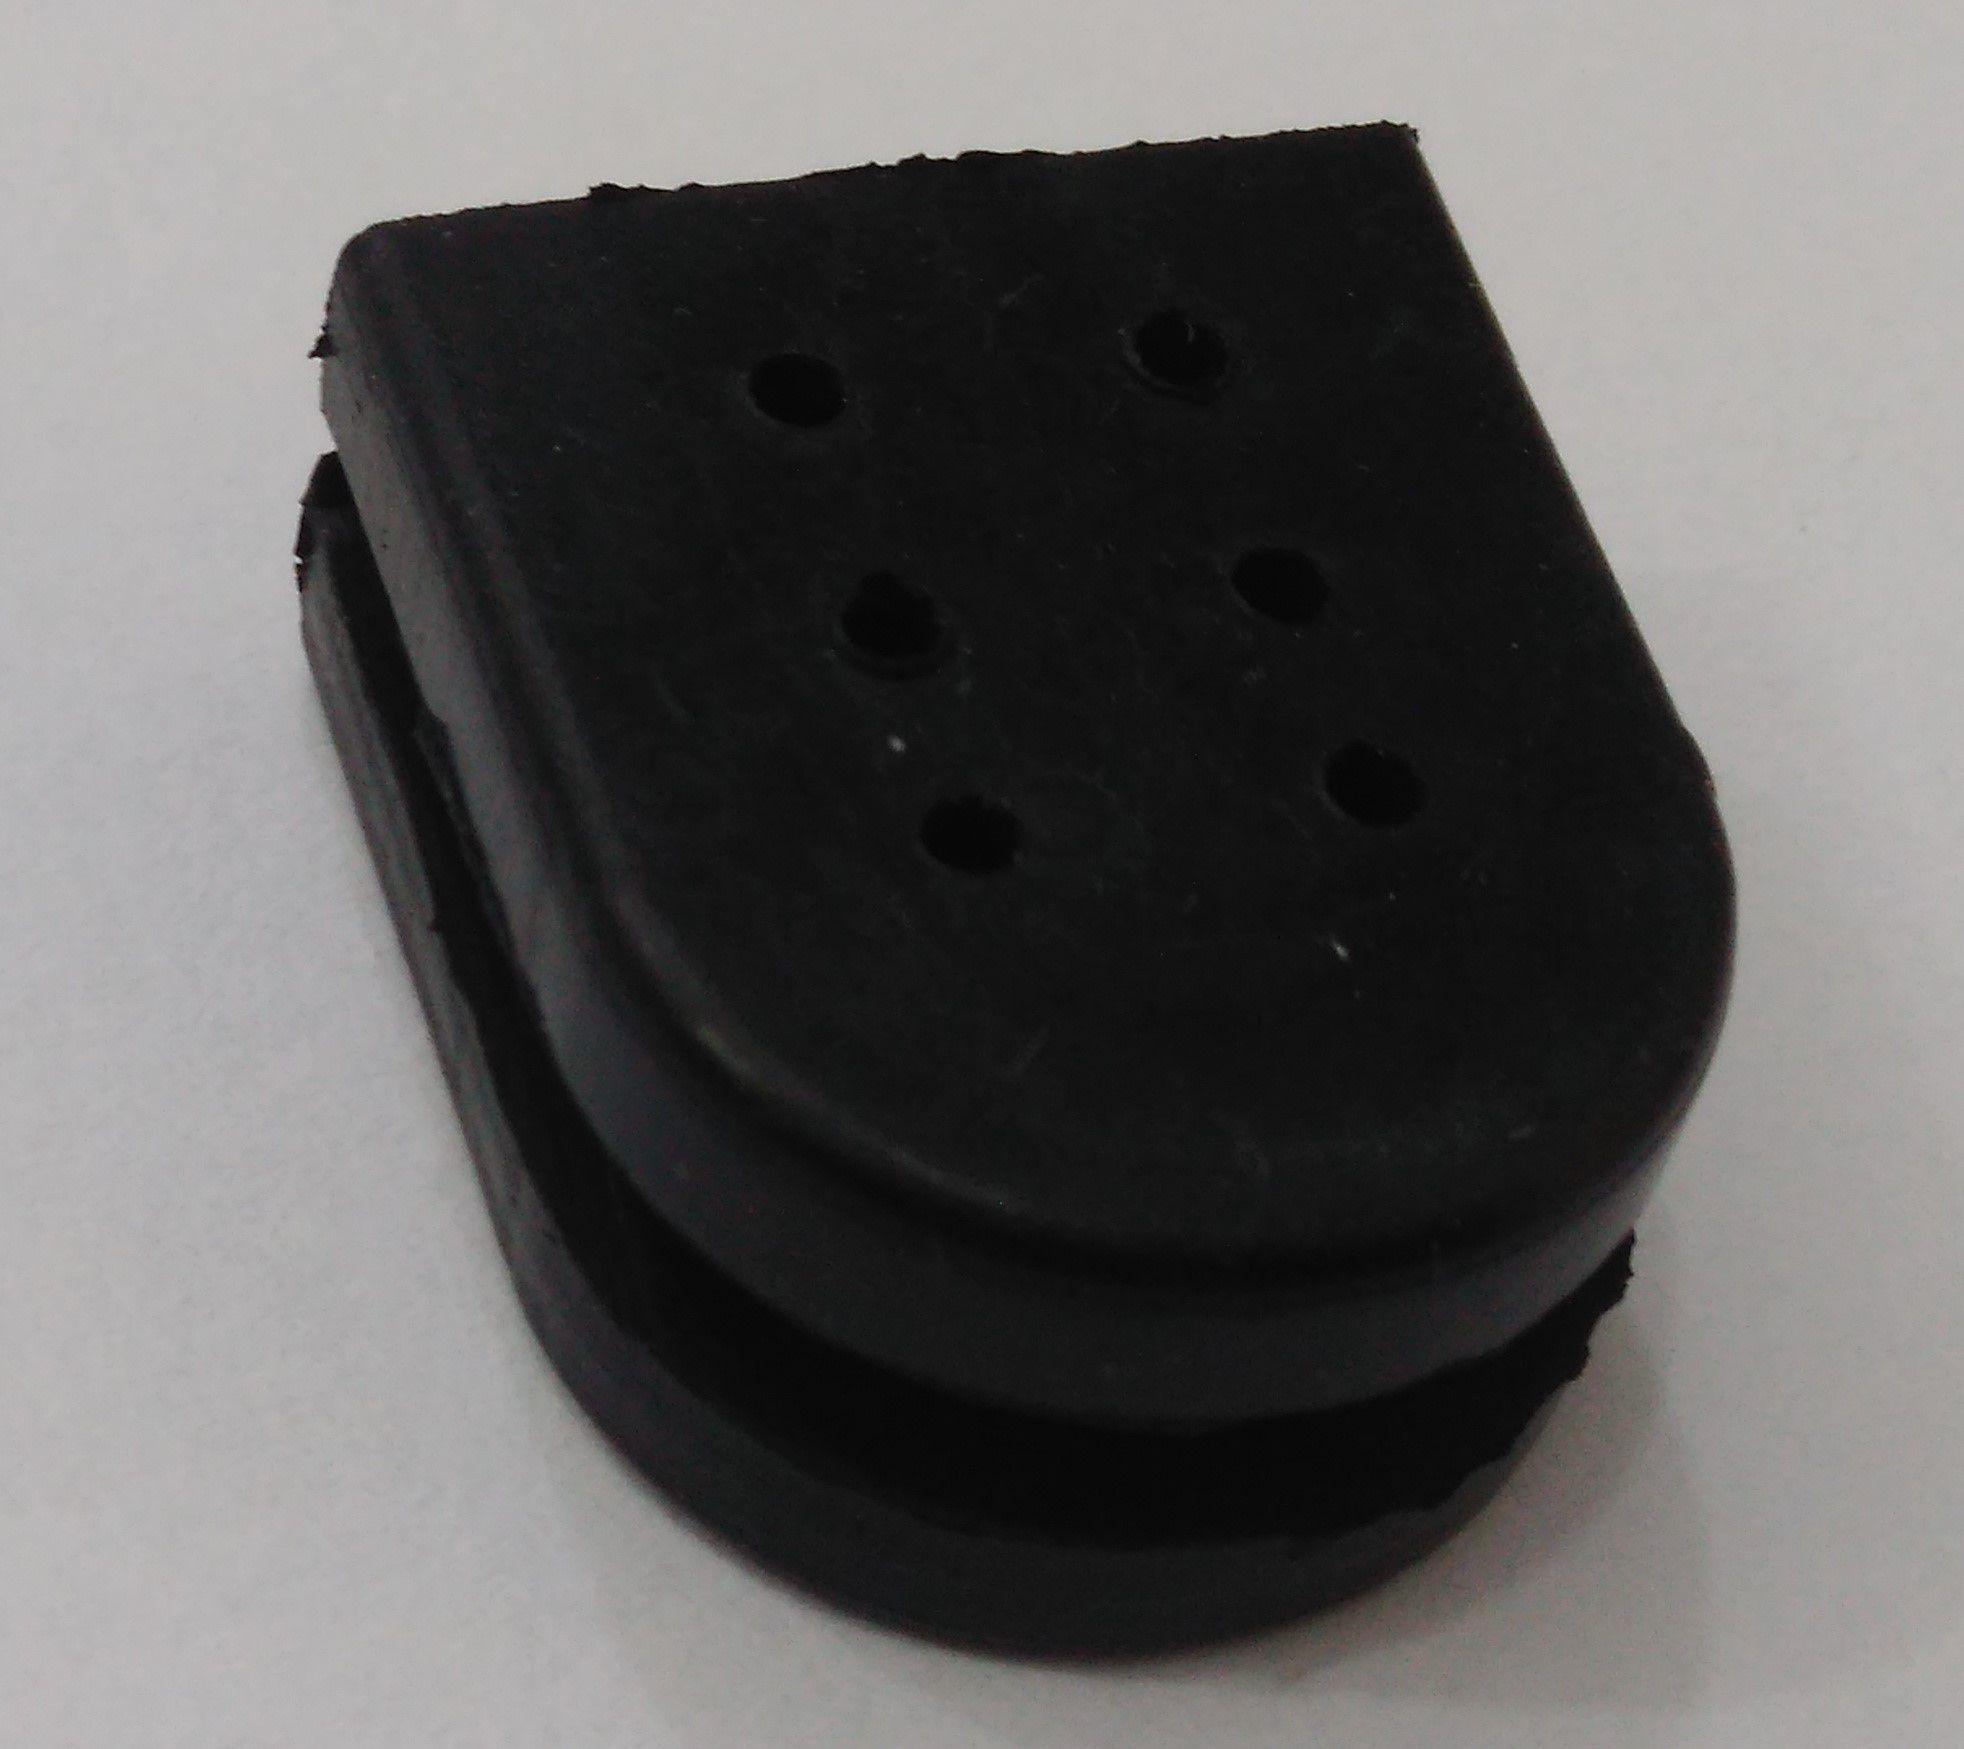 Borracha passa fio compatível com estator CRF 230/XR 200/Titan 125 até 2007